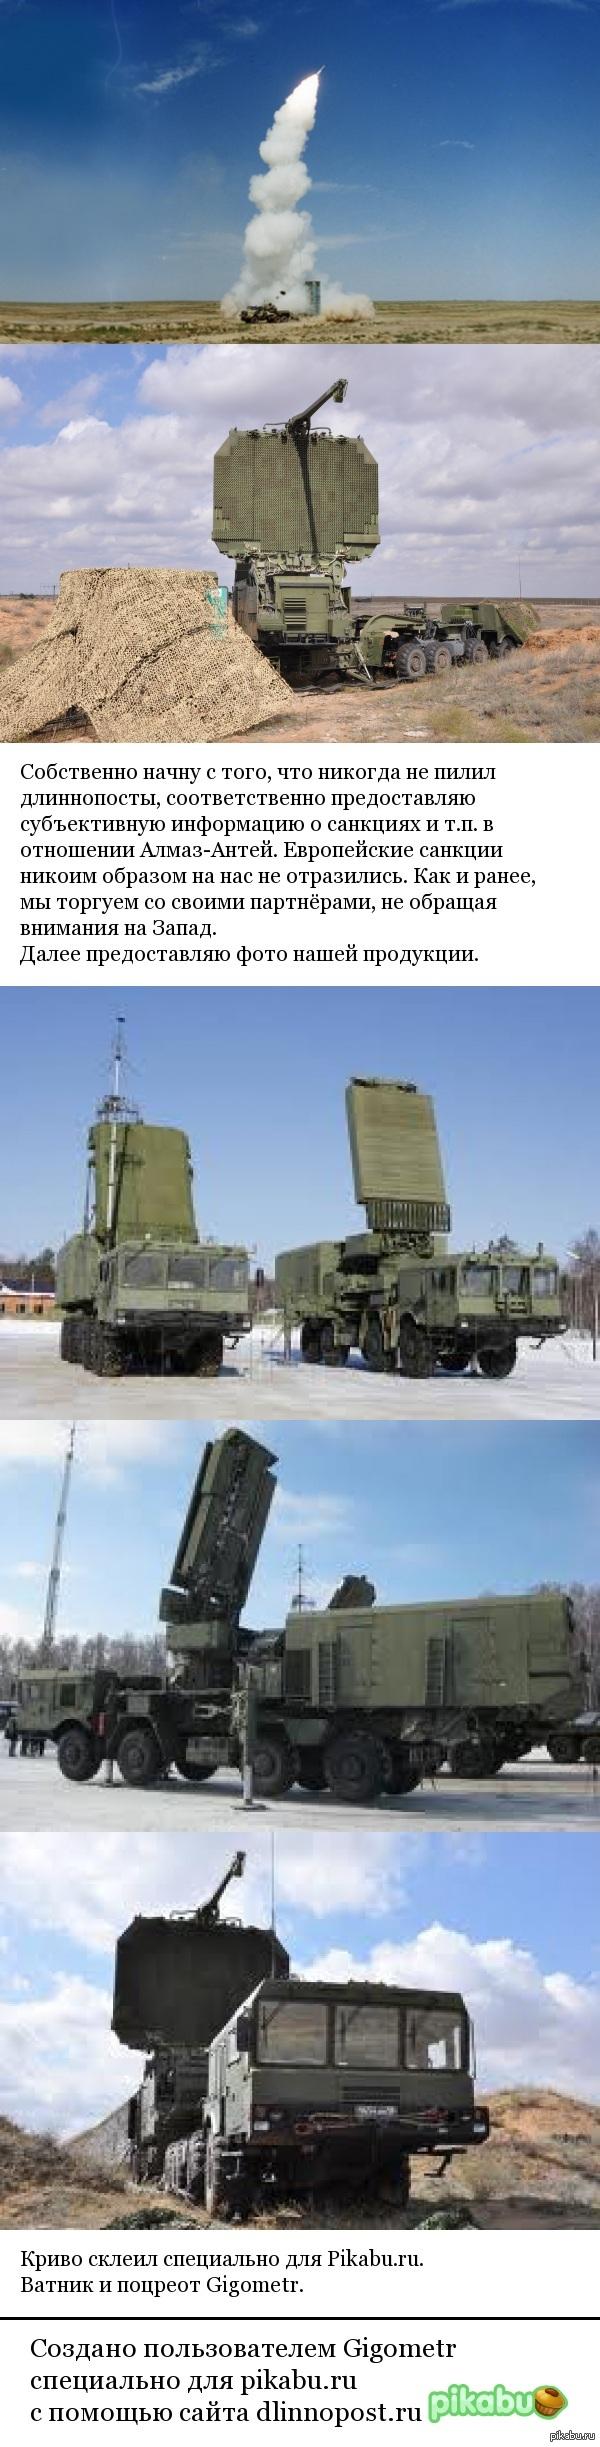 """Санкции в отношении концерна ПВО """"Алмаз-Антей"""""""